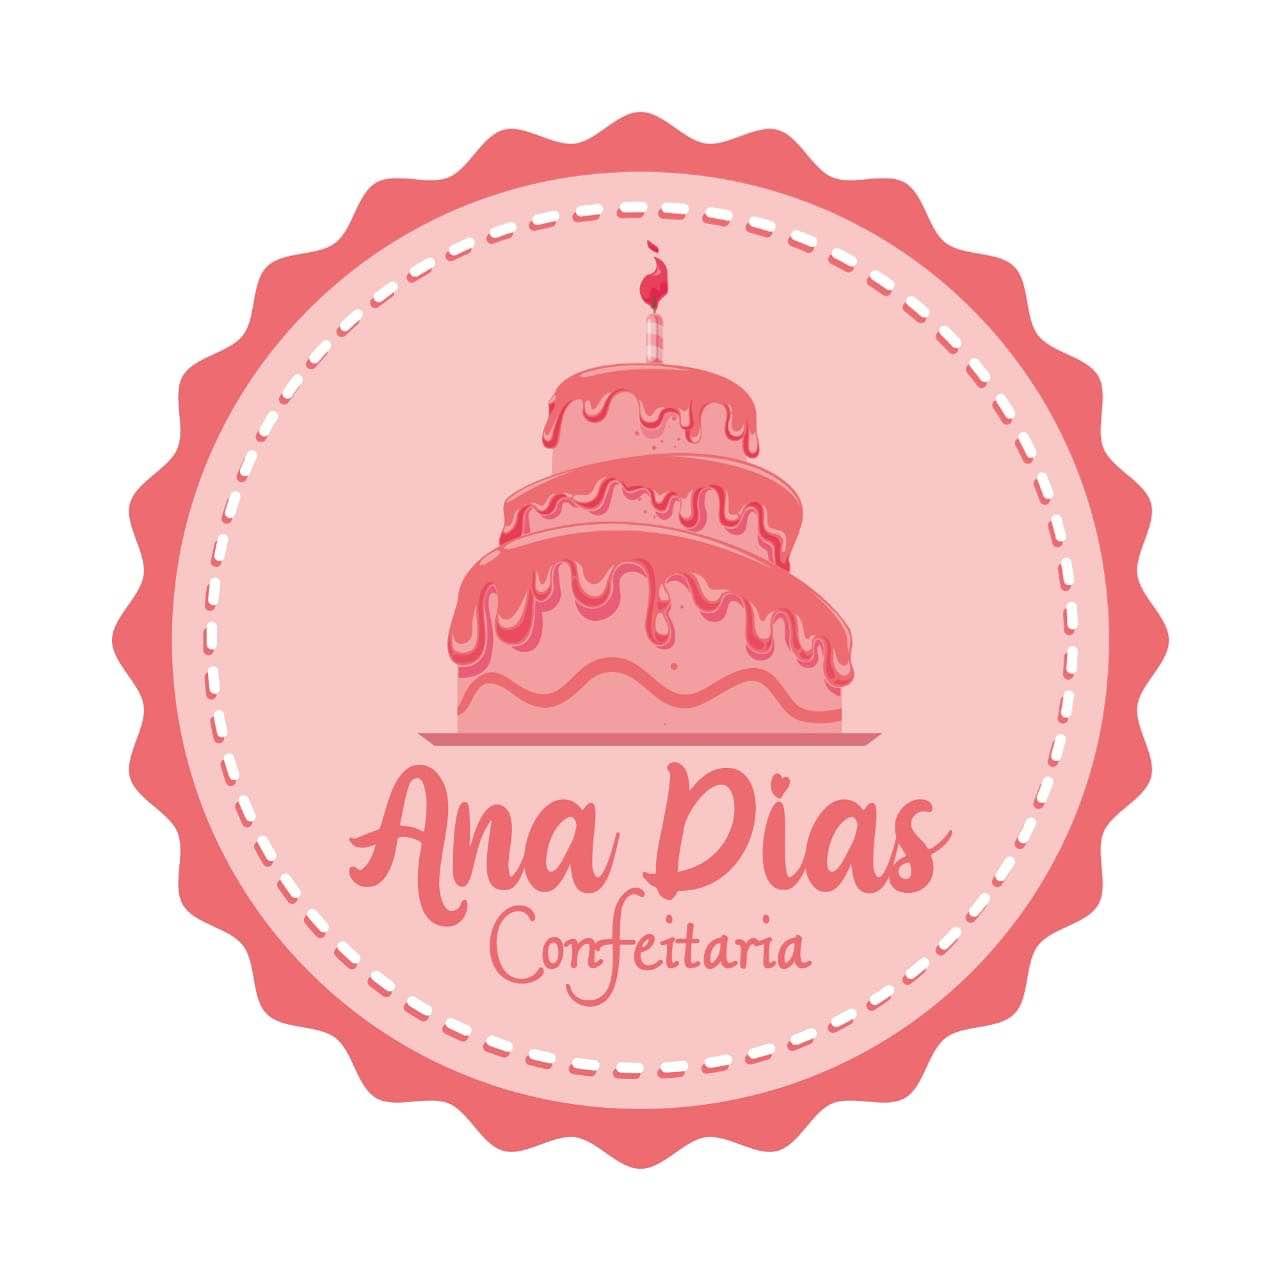 Ana Dias Confeitaria